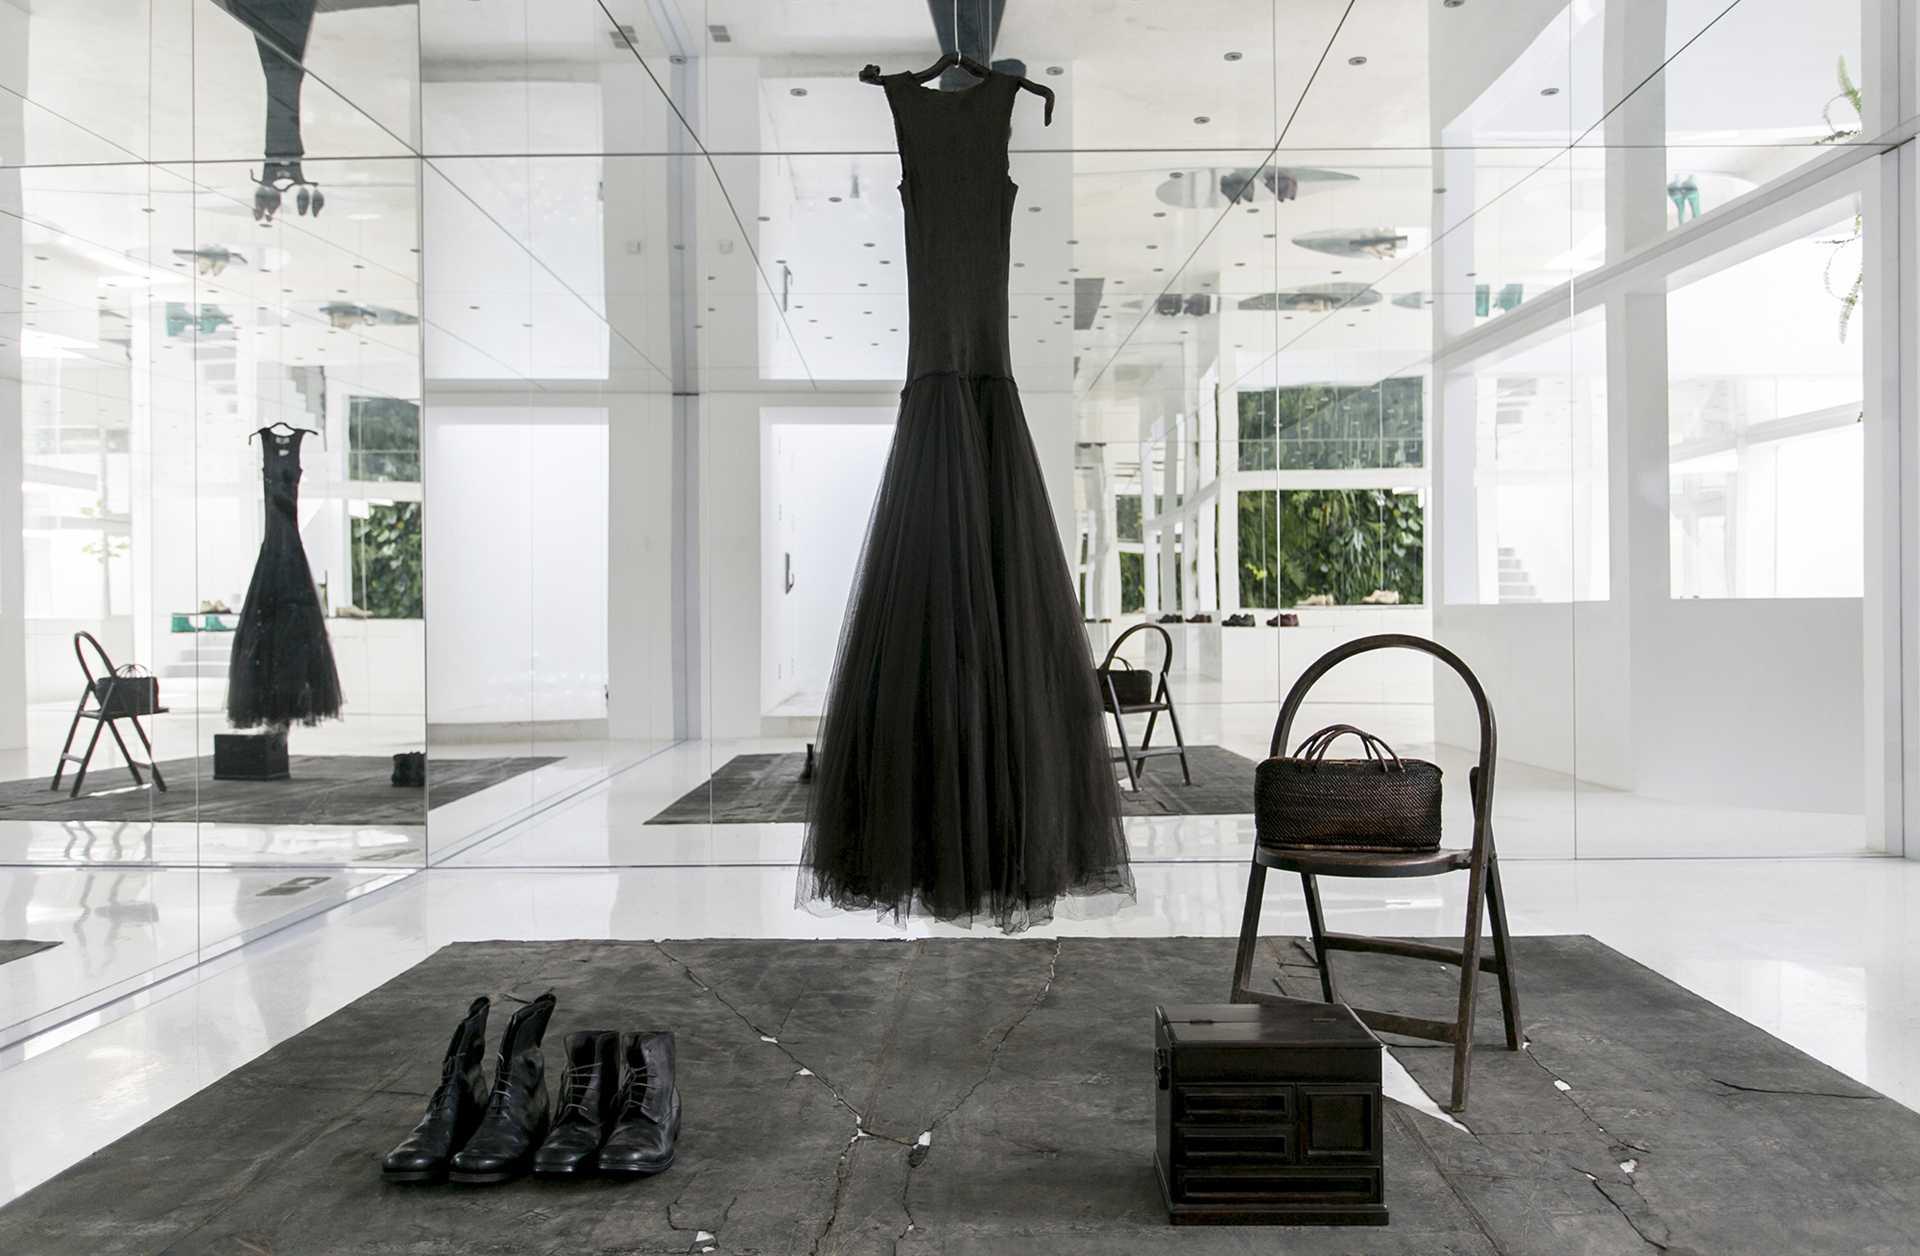 Mirror Garden  - 10 Hong Qiang 52